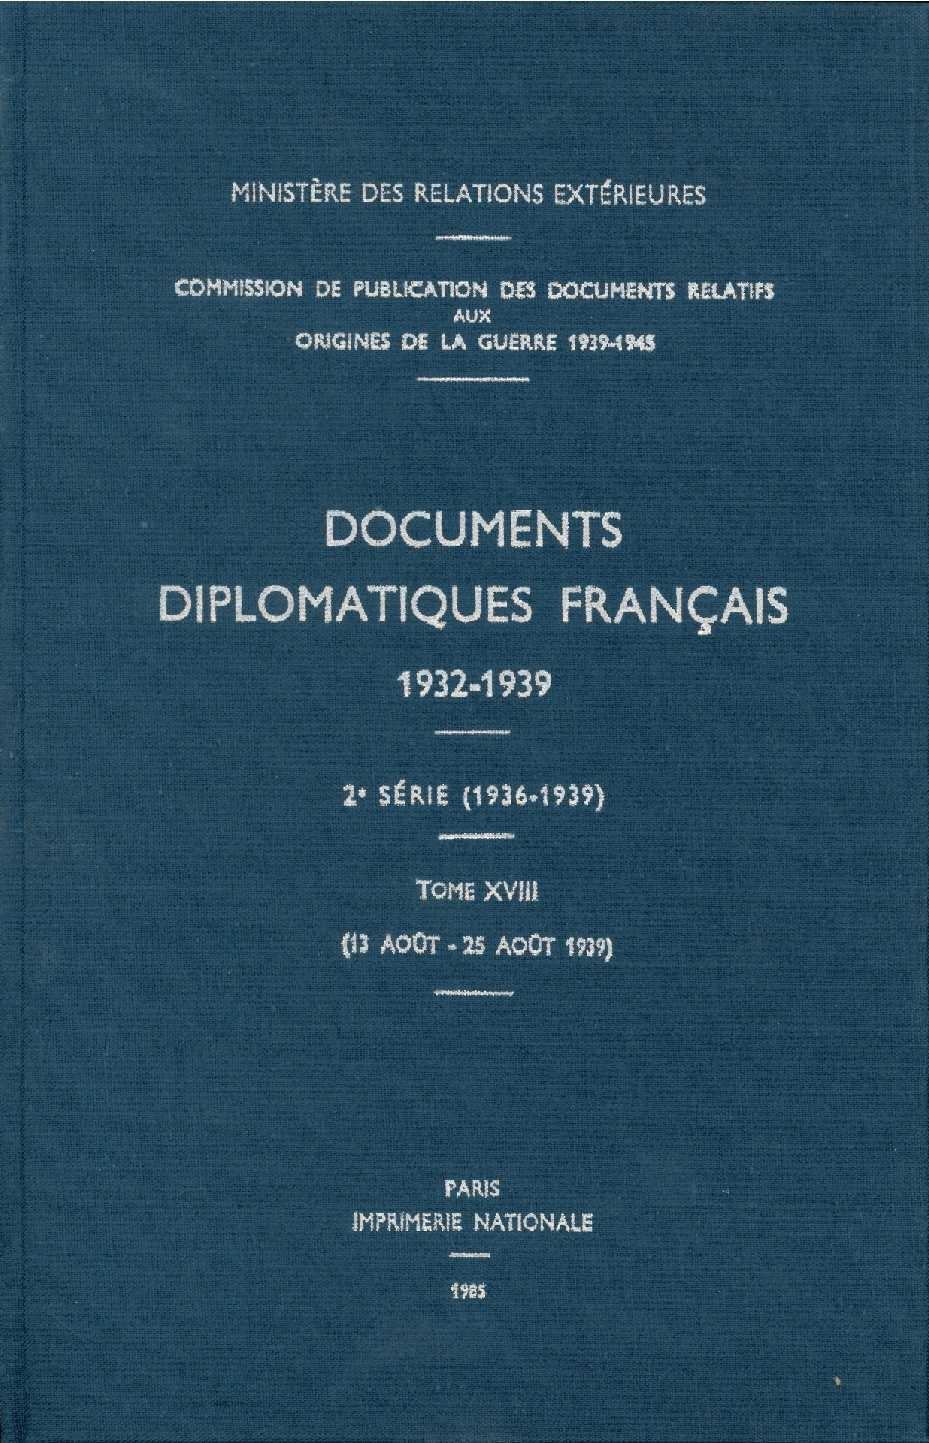 DOCUMENTS DIPLOMATIQUES FRANCAIS - 1939 - TOME V (13 AOUT - 25 AOUT)